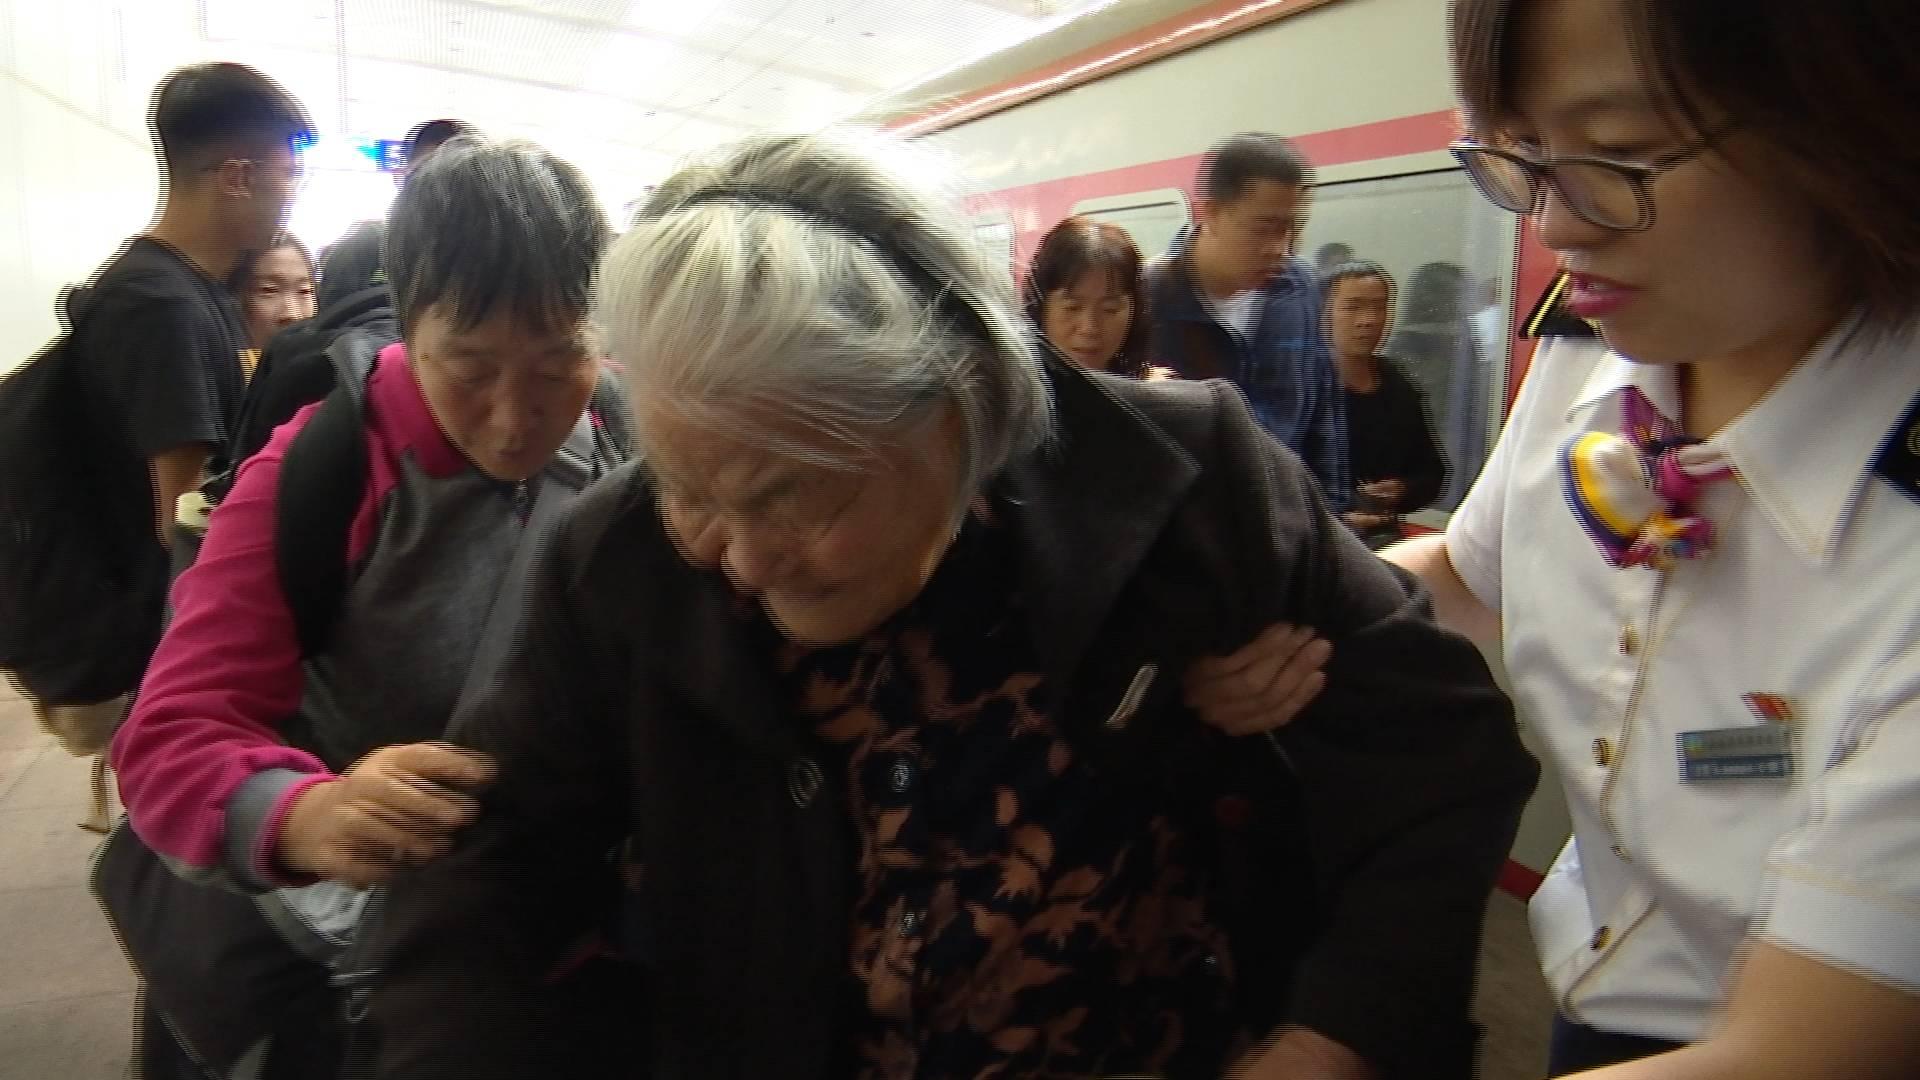 59秒 就想回家!90岁老人8000里奔波回到故乡东营